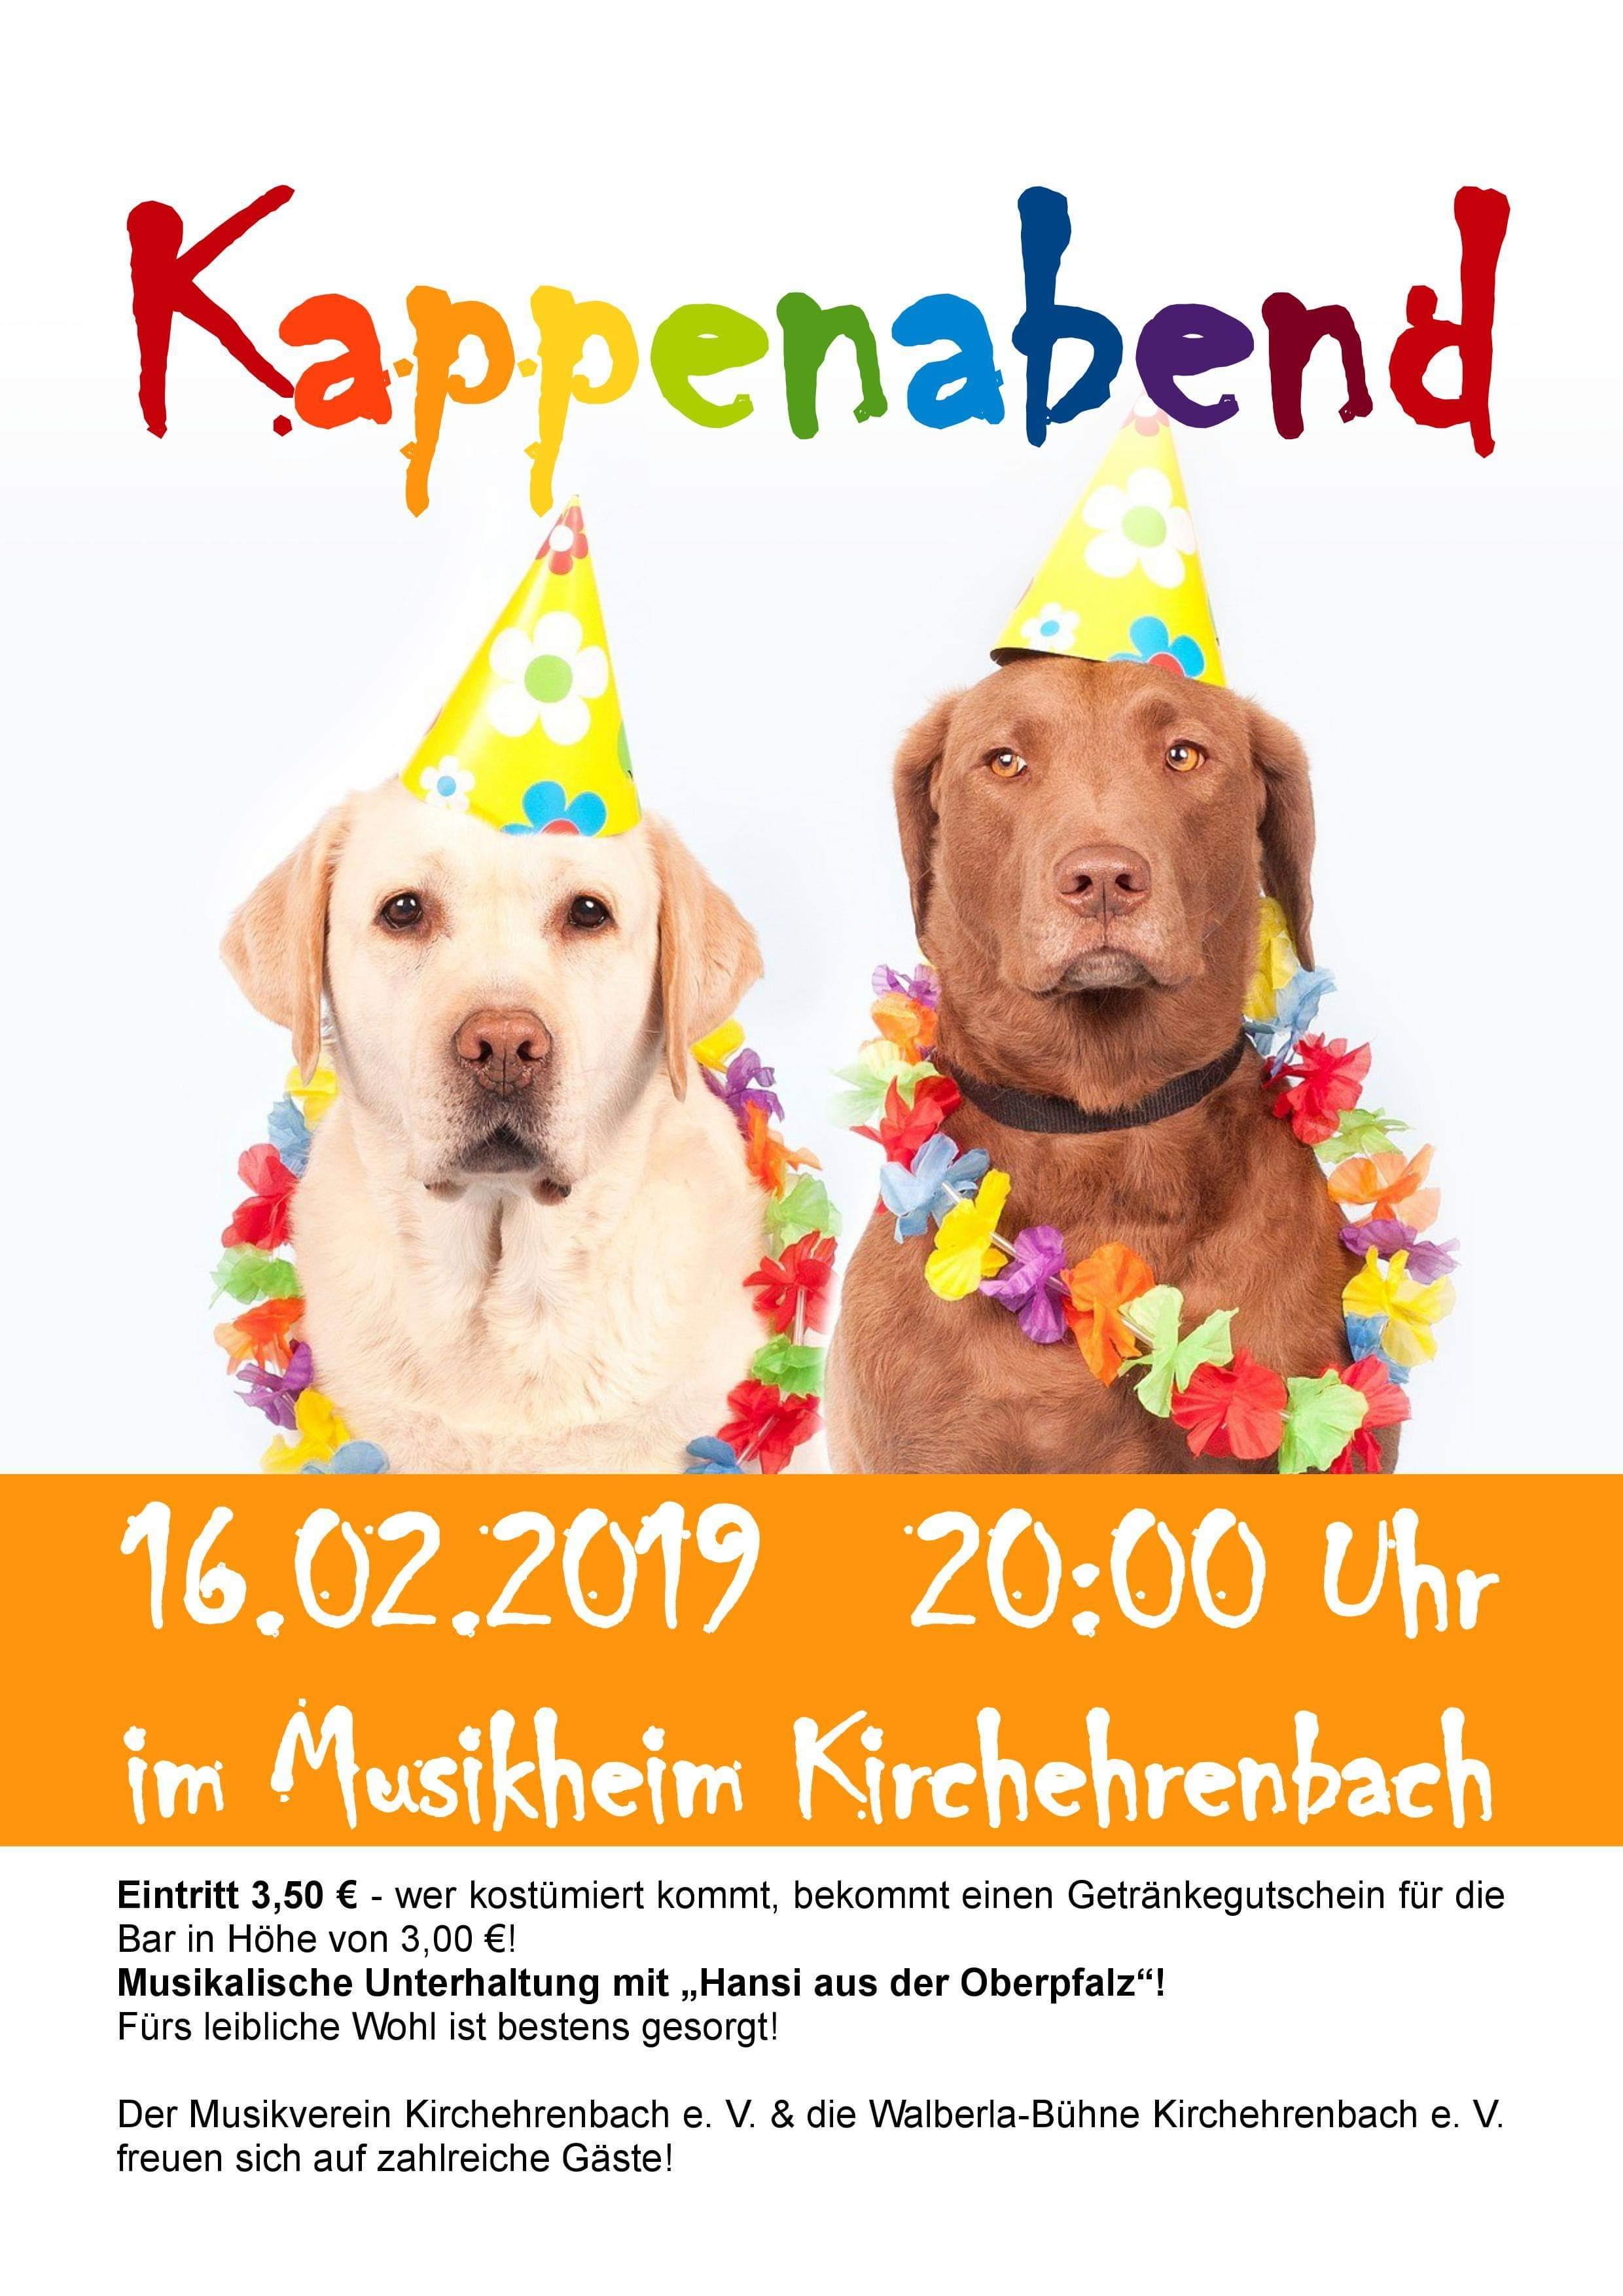 Kappenabend @ Musikheim Kirchehrenbach